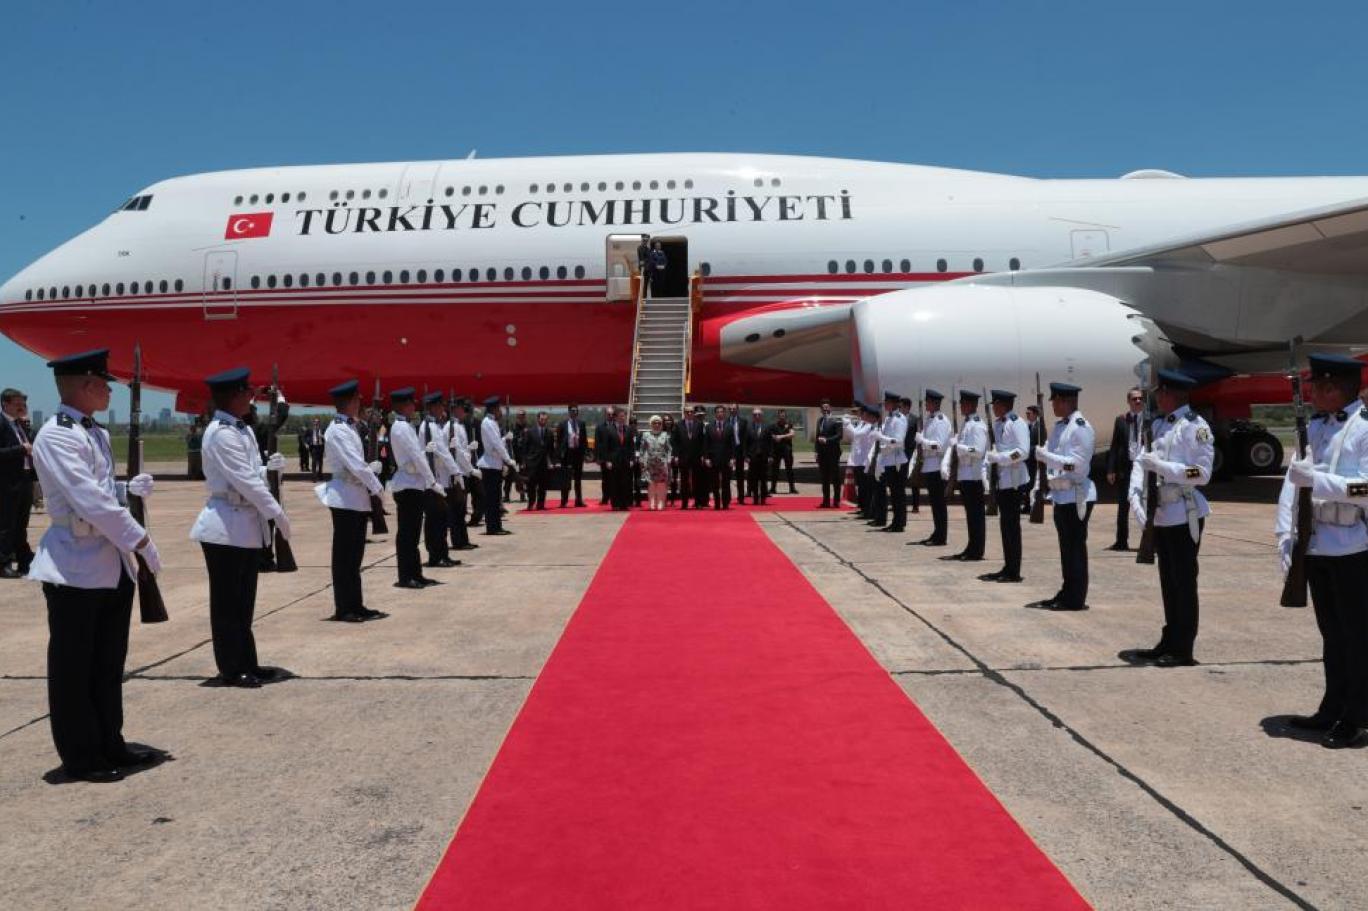 Seçimin ardından ilk kez: İmamoğlu, Erdoğan'ı karşılayan protokolde yer aldı